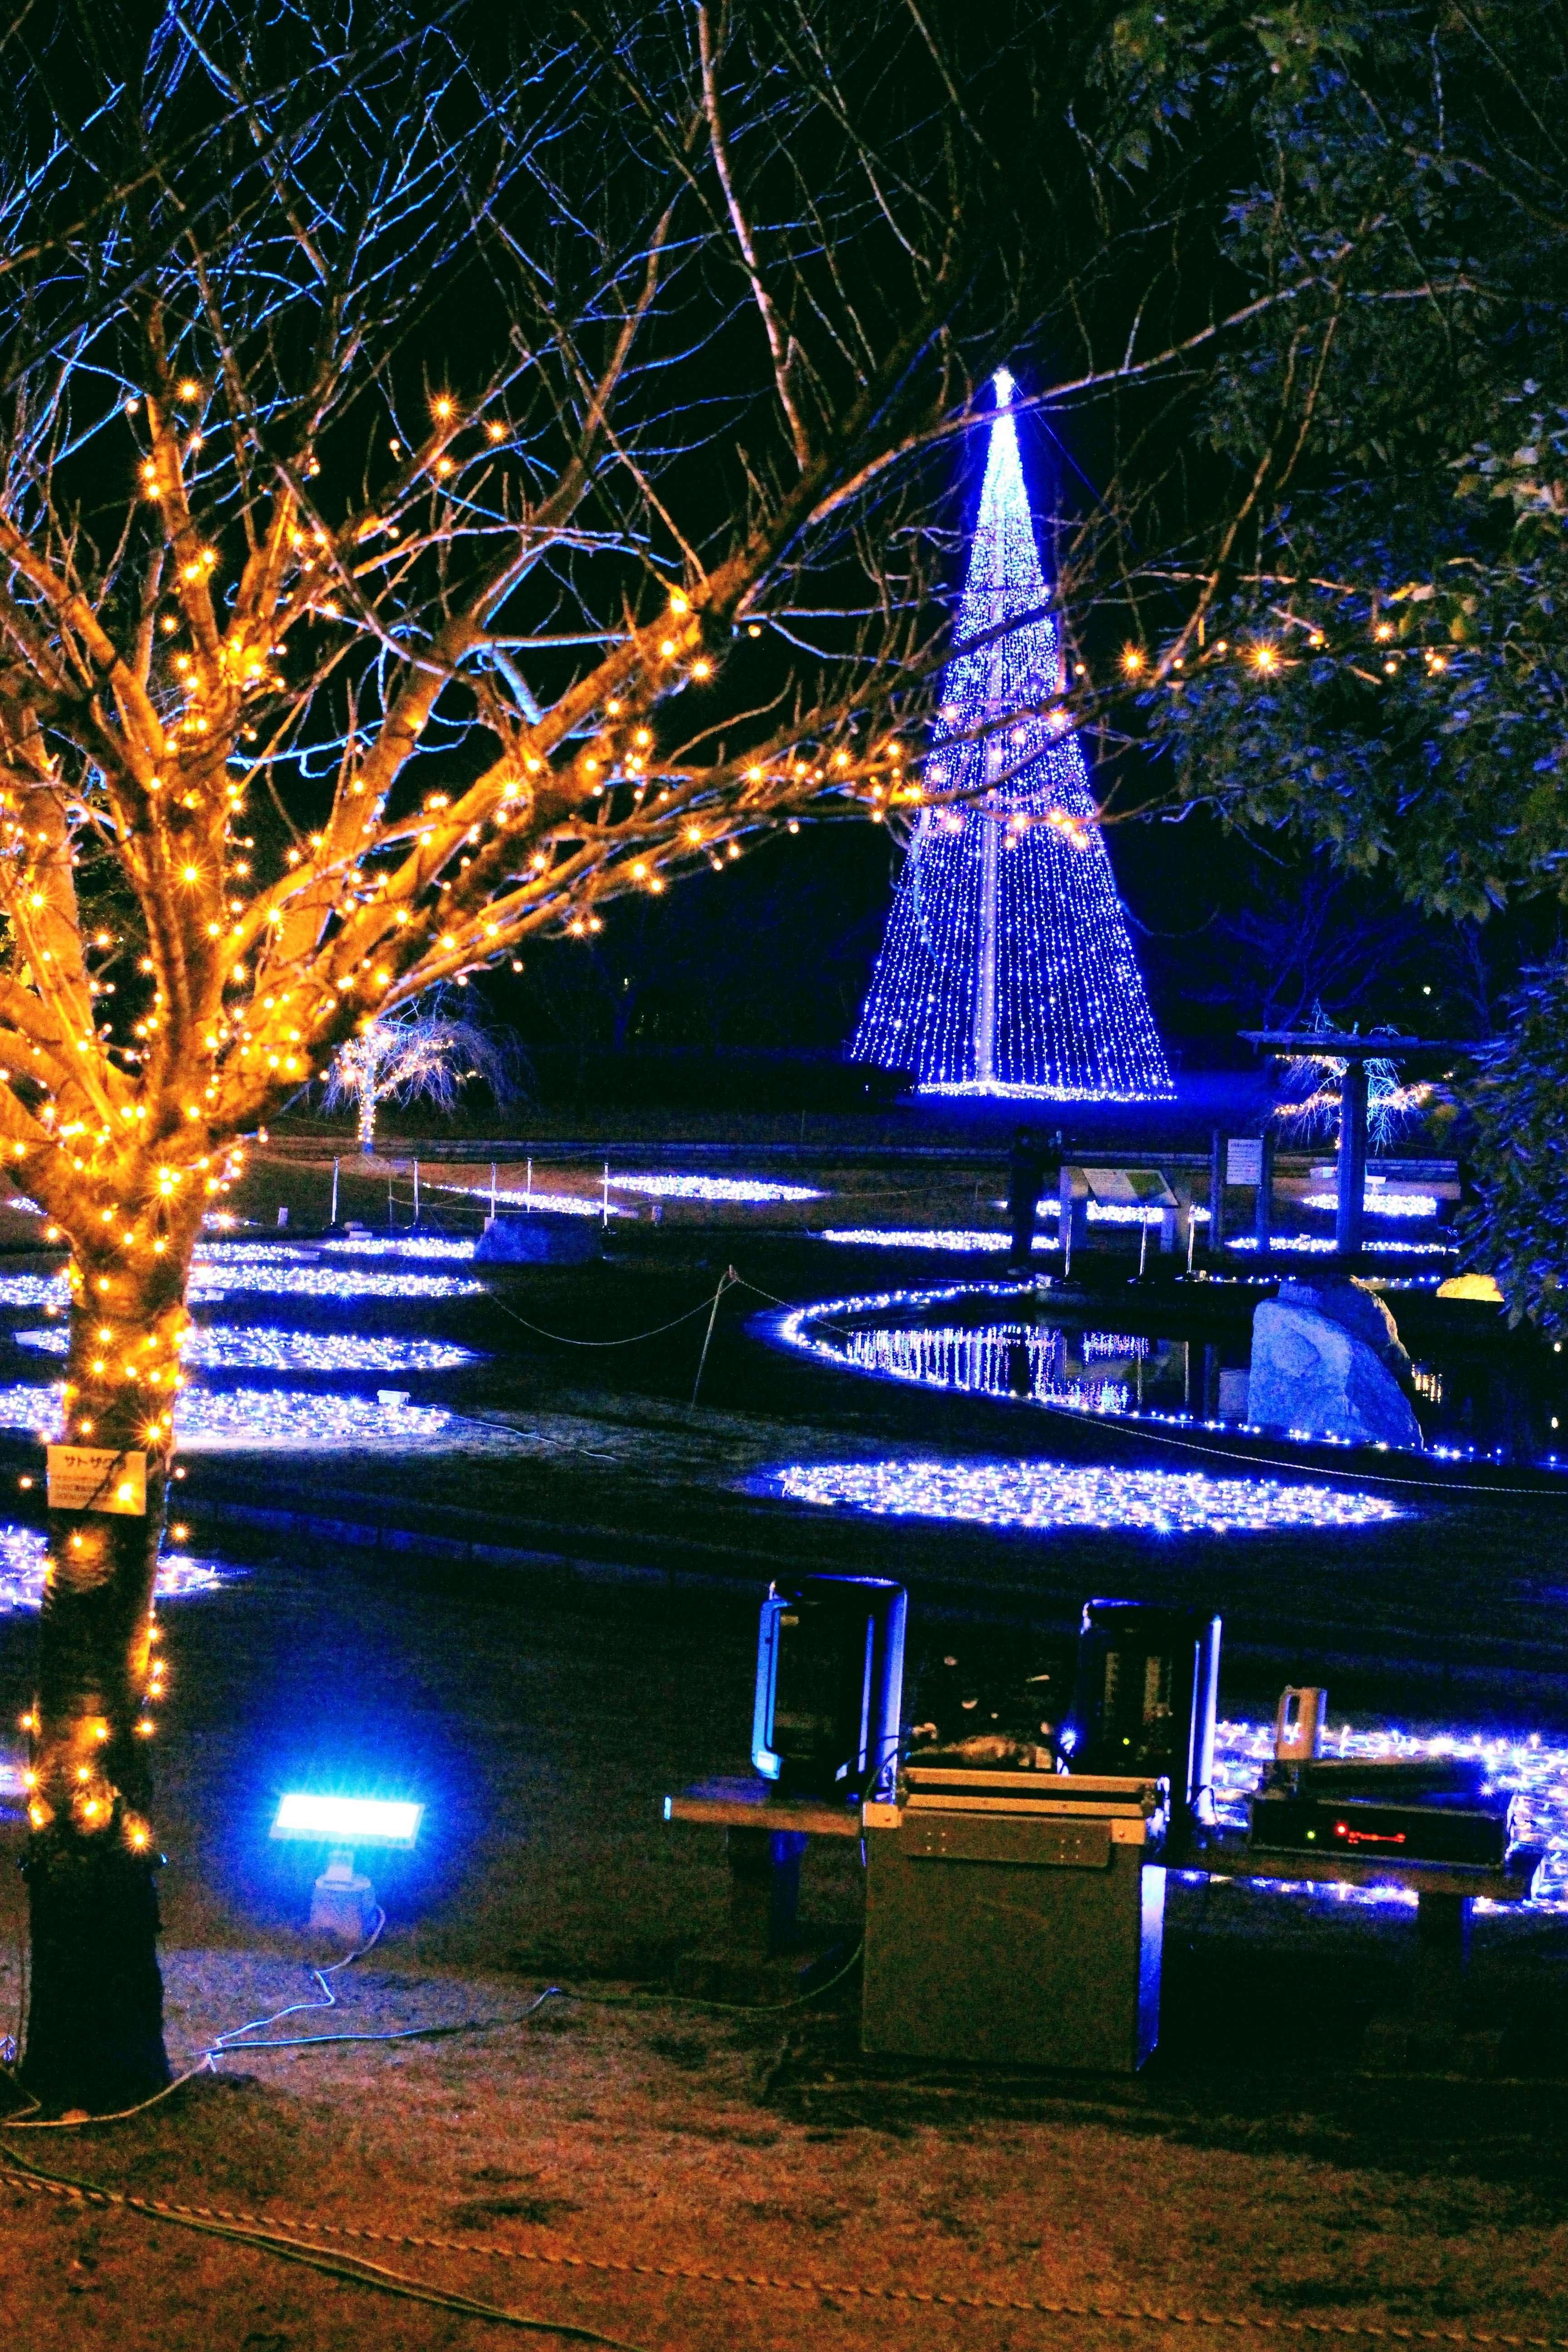 Heisei No Mori Winter Illumination